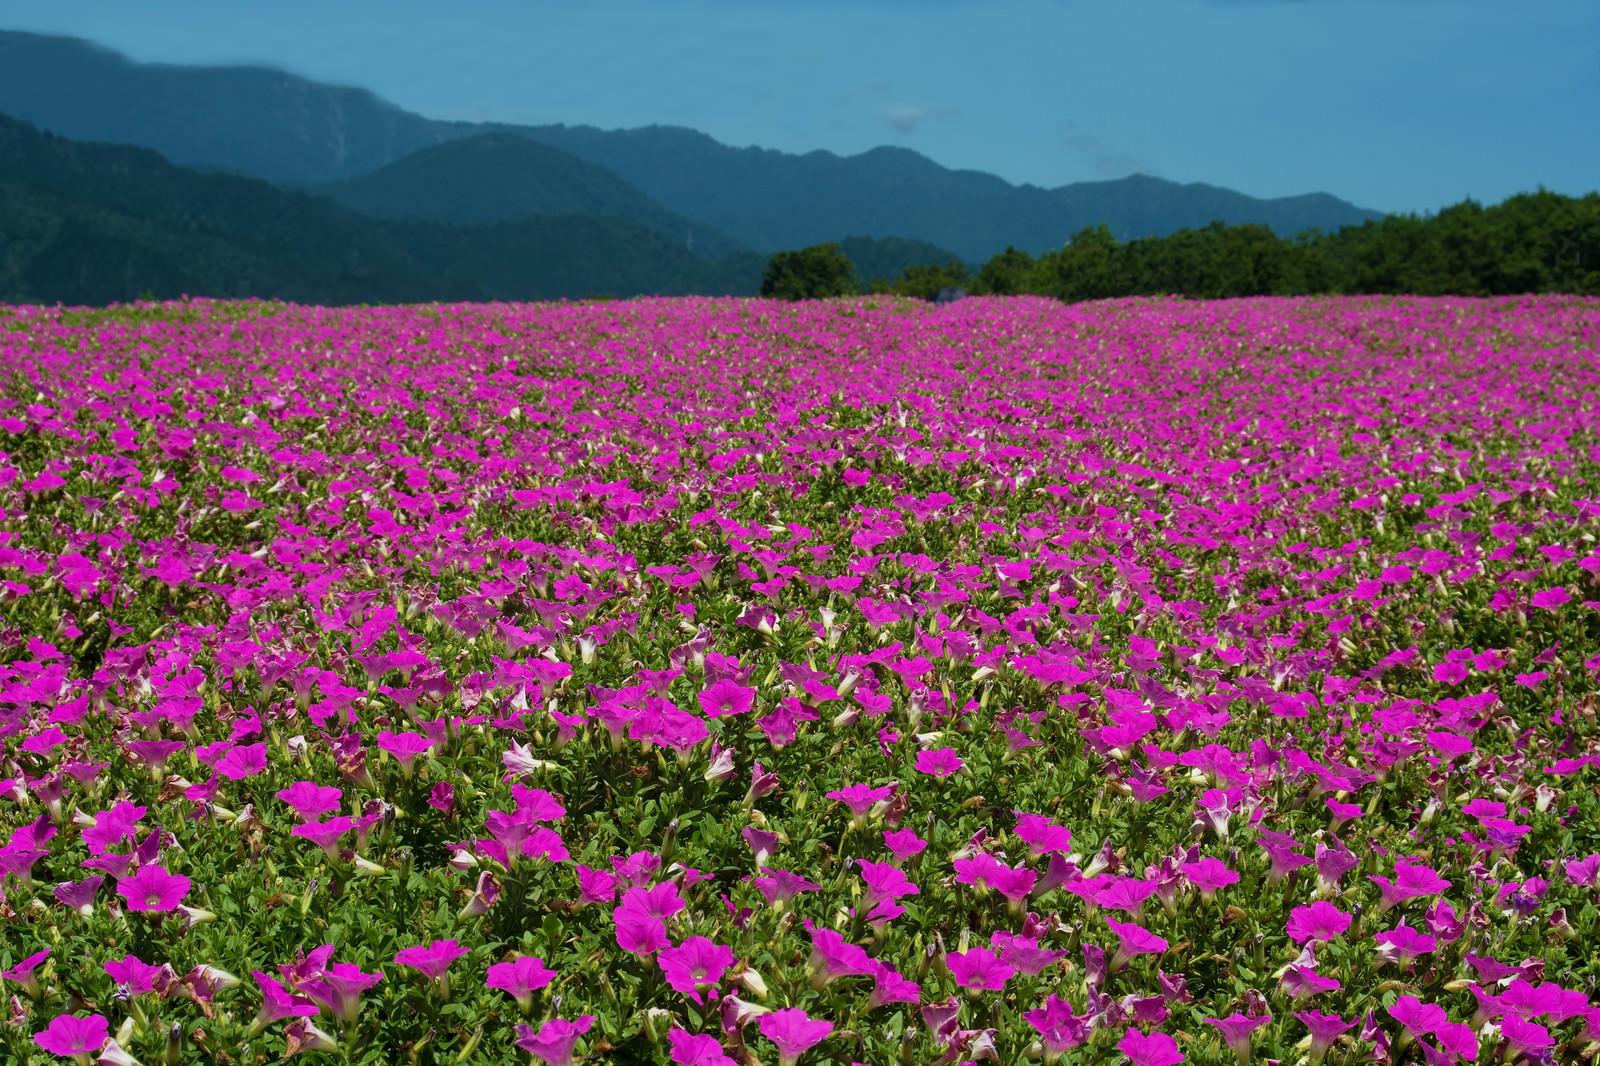 「目前に広がる雄大な山々とペチュニアの絨毯」の写真